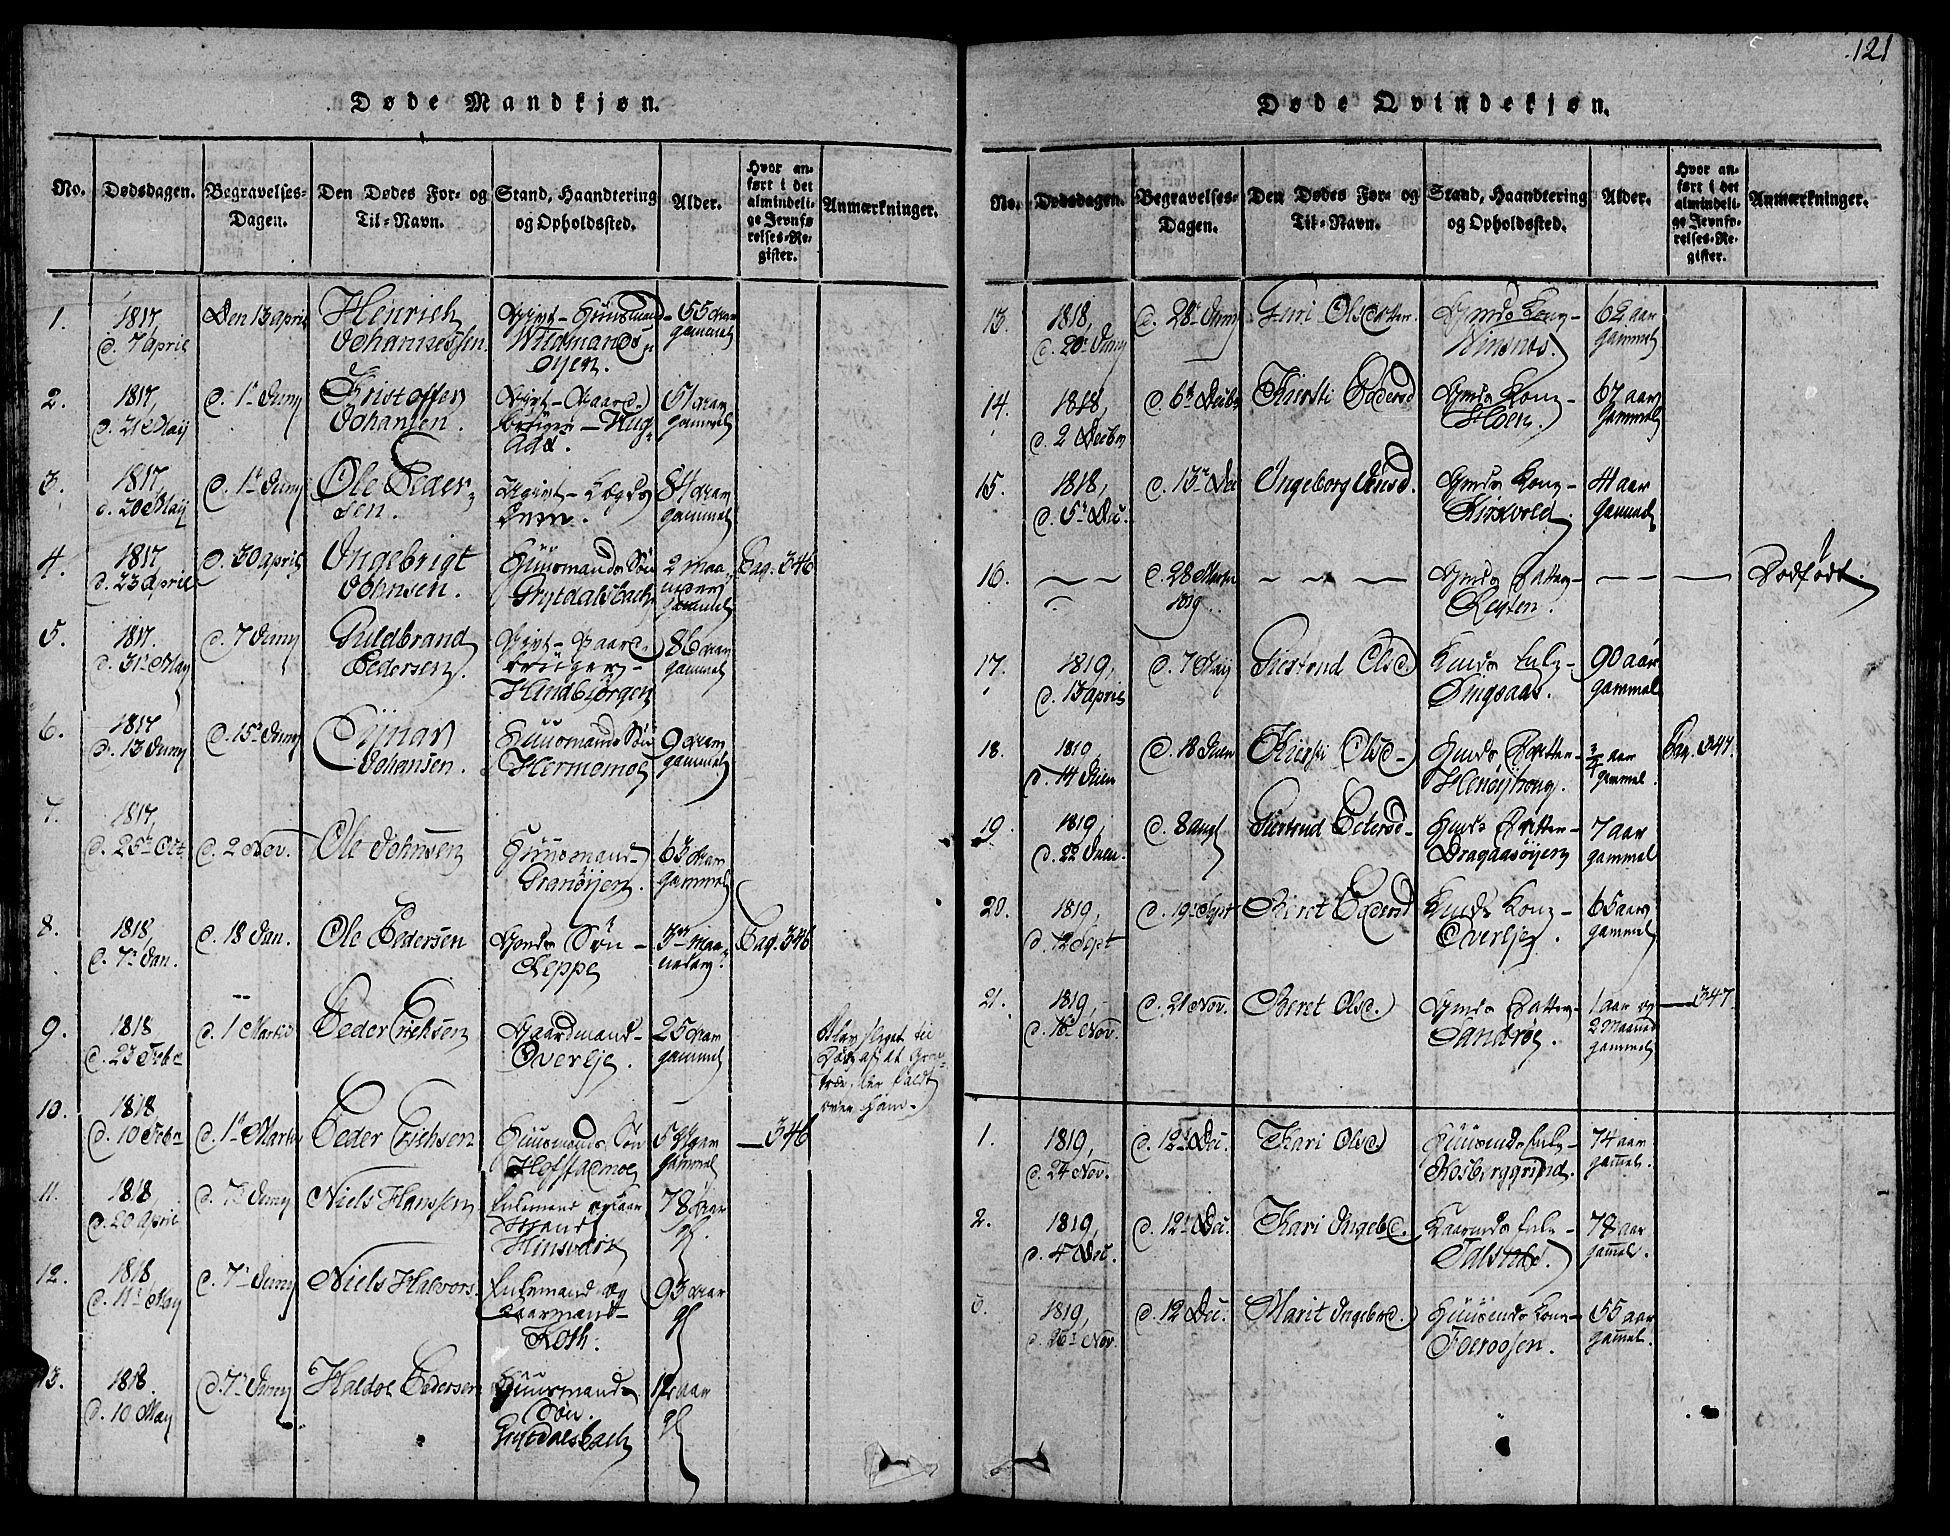 SAT, Ministerialprotokoller, klokkerbøker og fødselsregistre - Sør-Trøndelag, 685/L0955: Ministerialbok nr. 685A03 /2, 1817-1829, s. 121